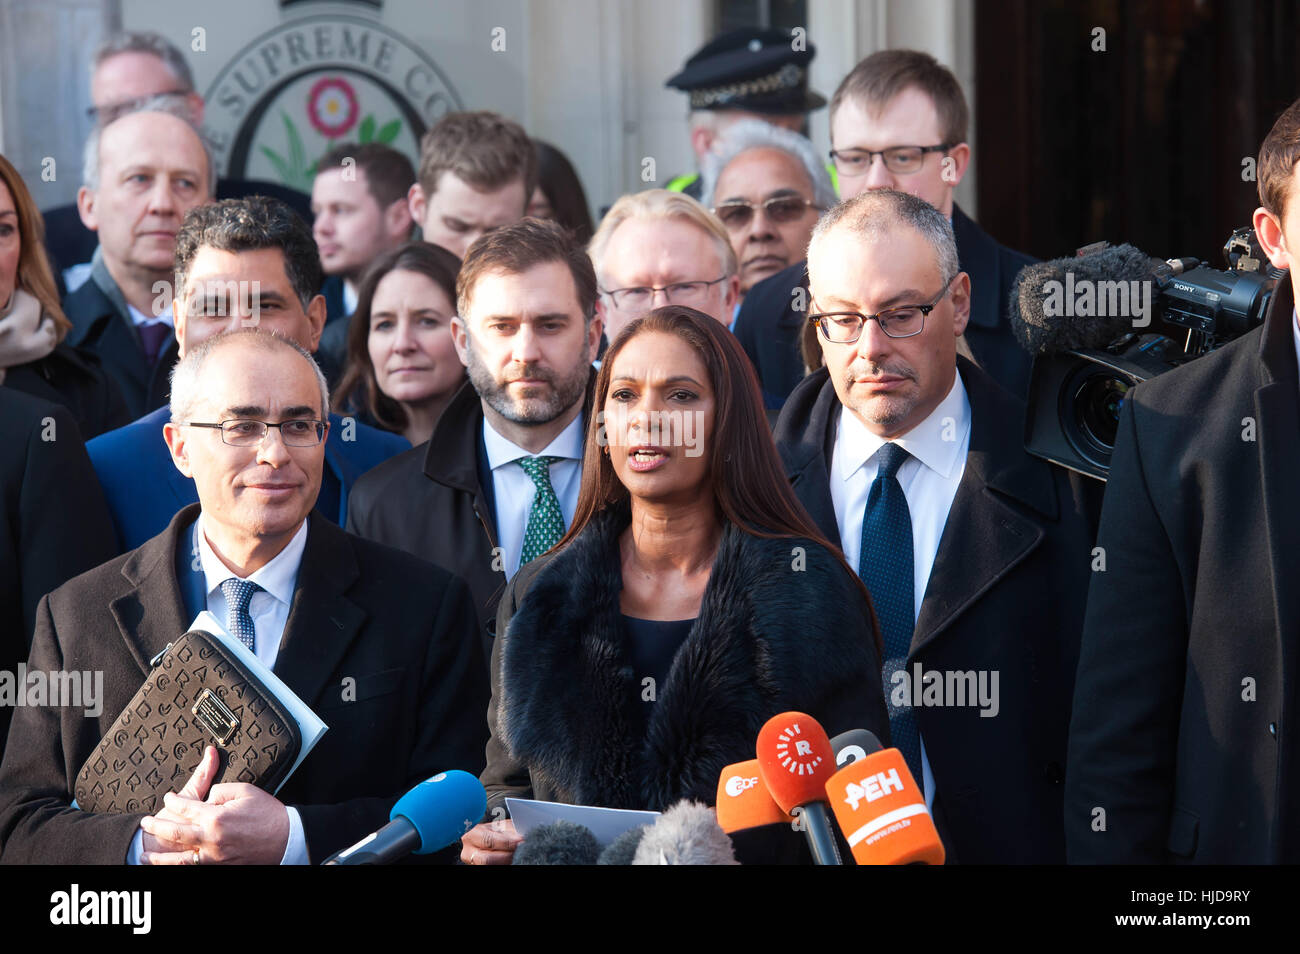 Londra, Regno Unito. 24 gennaio 2017.Gina Miller parlando dopo che la Corte Suprema ha respinto l'appello del governo Foto Stock